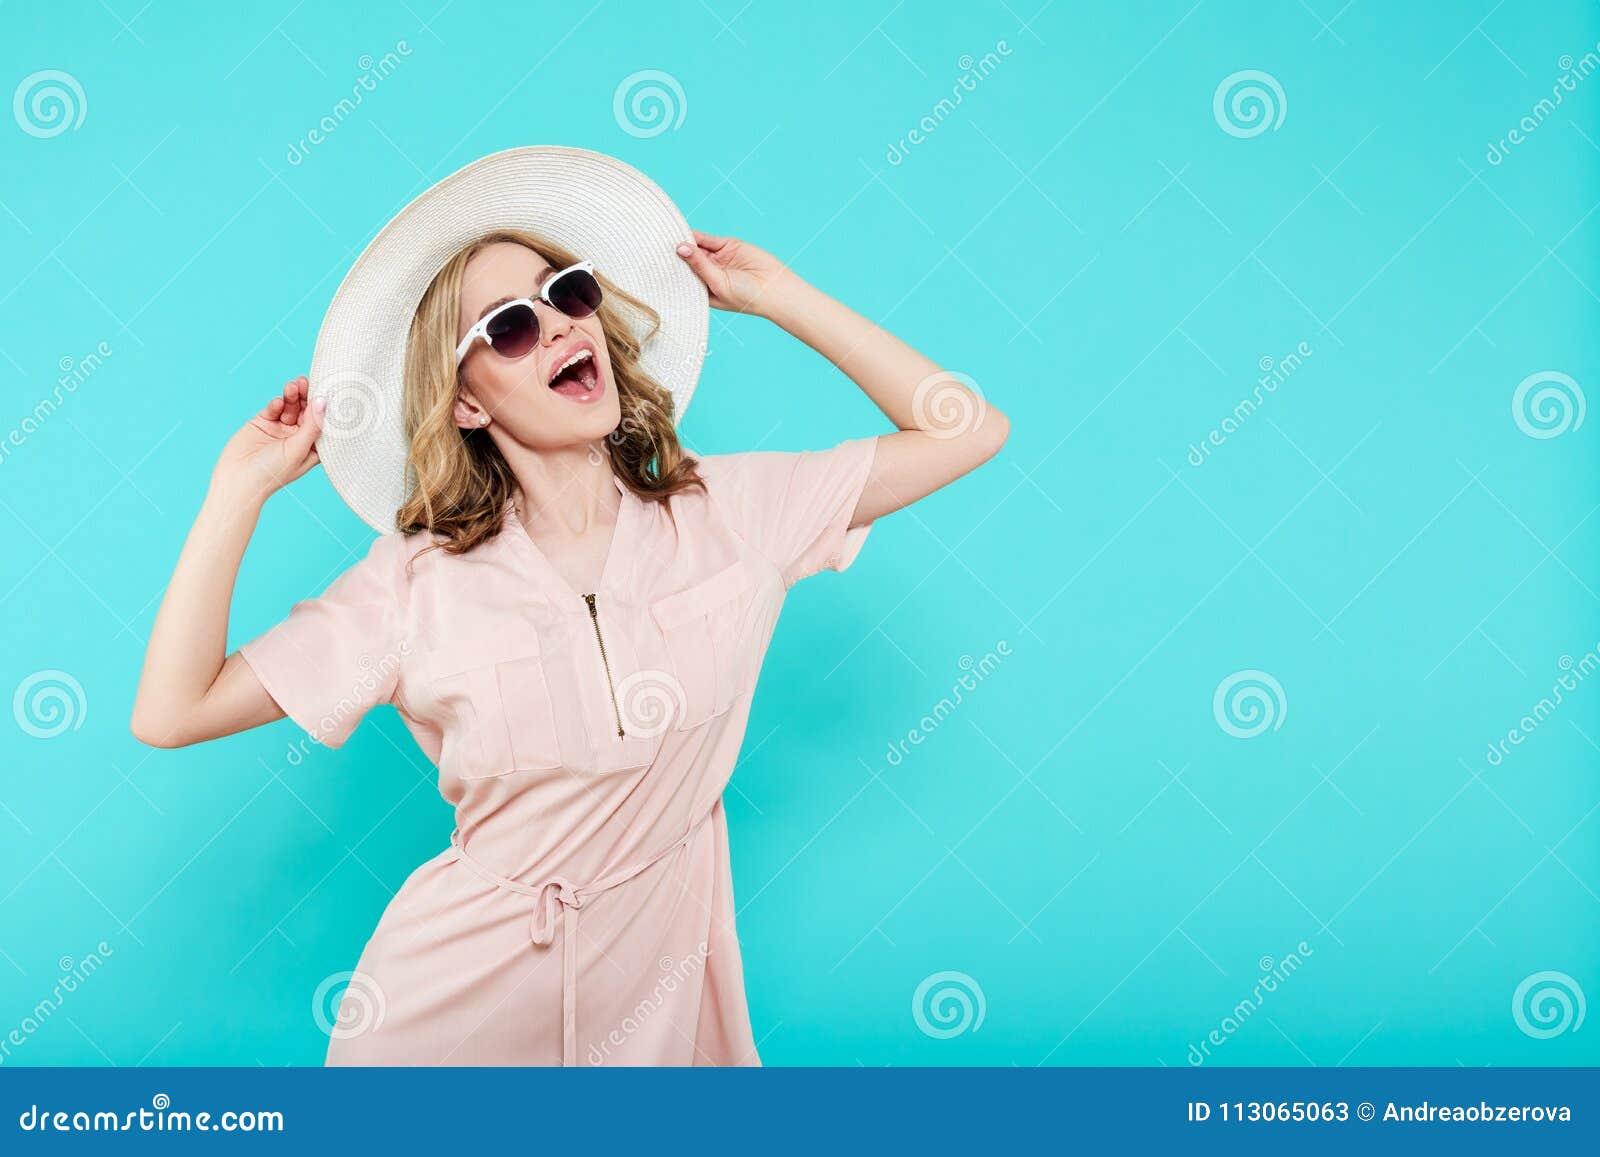 354e6461a7132 La Mujer Joven Hermosa En Elegante Palidece - El Vestido